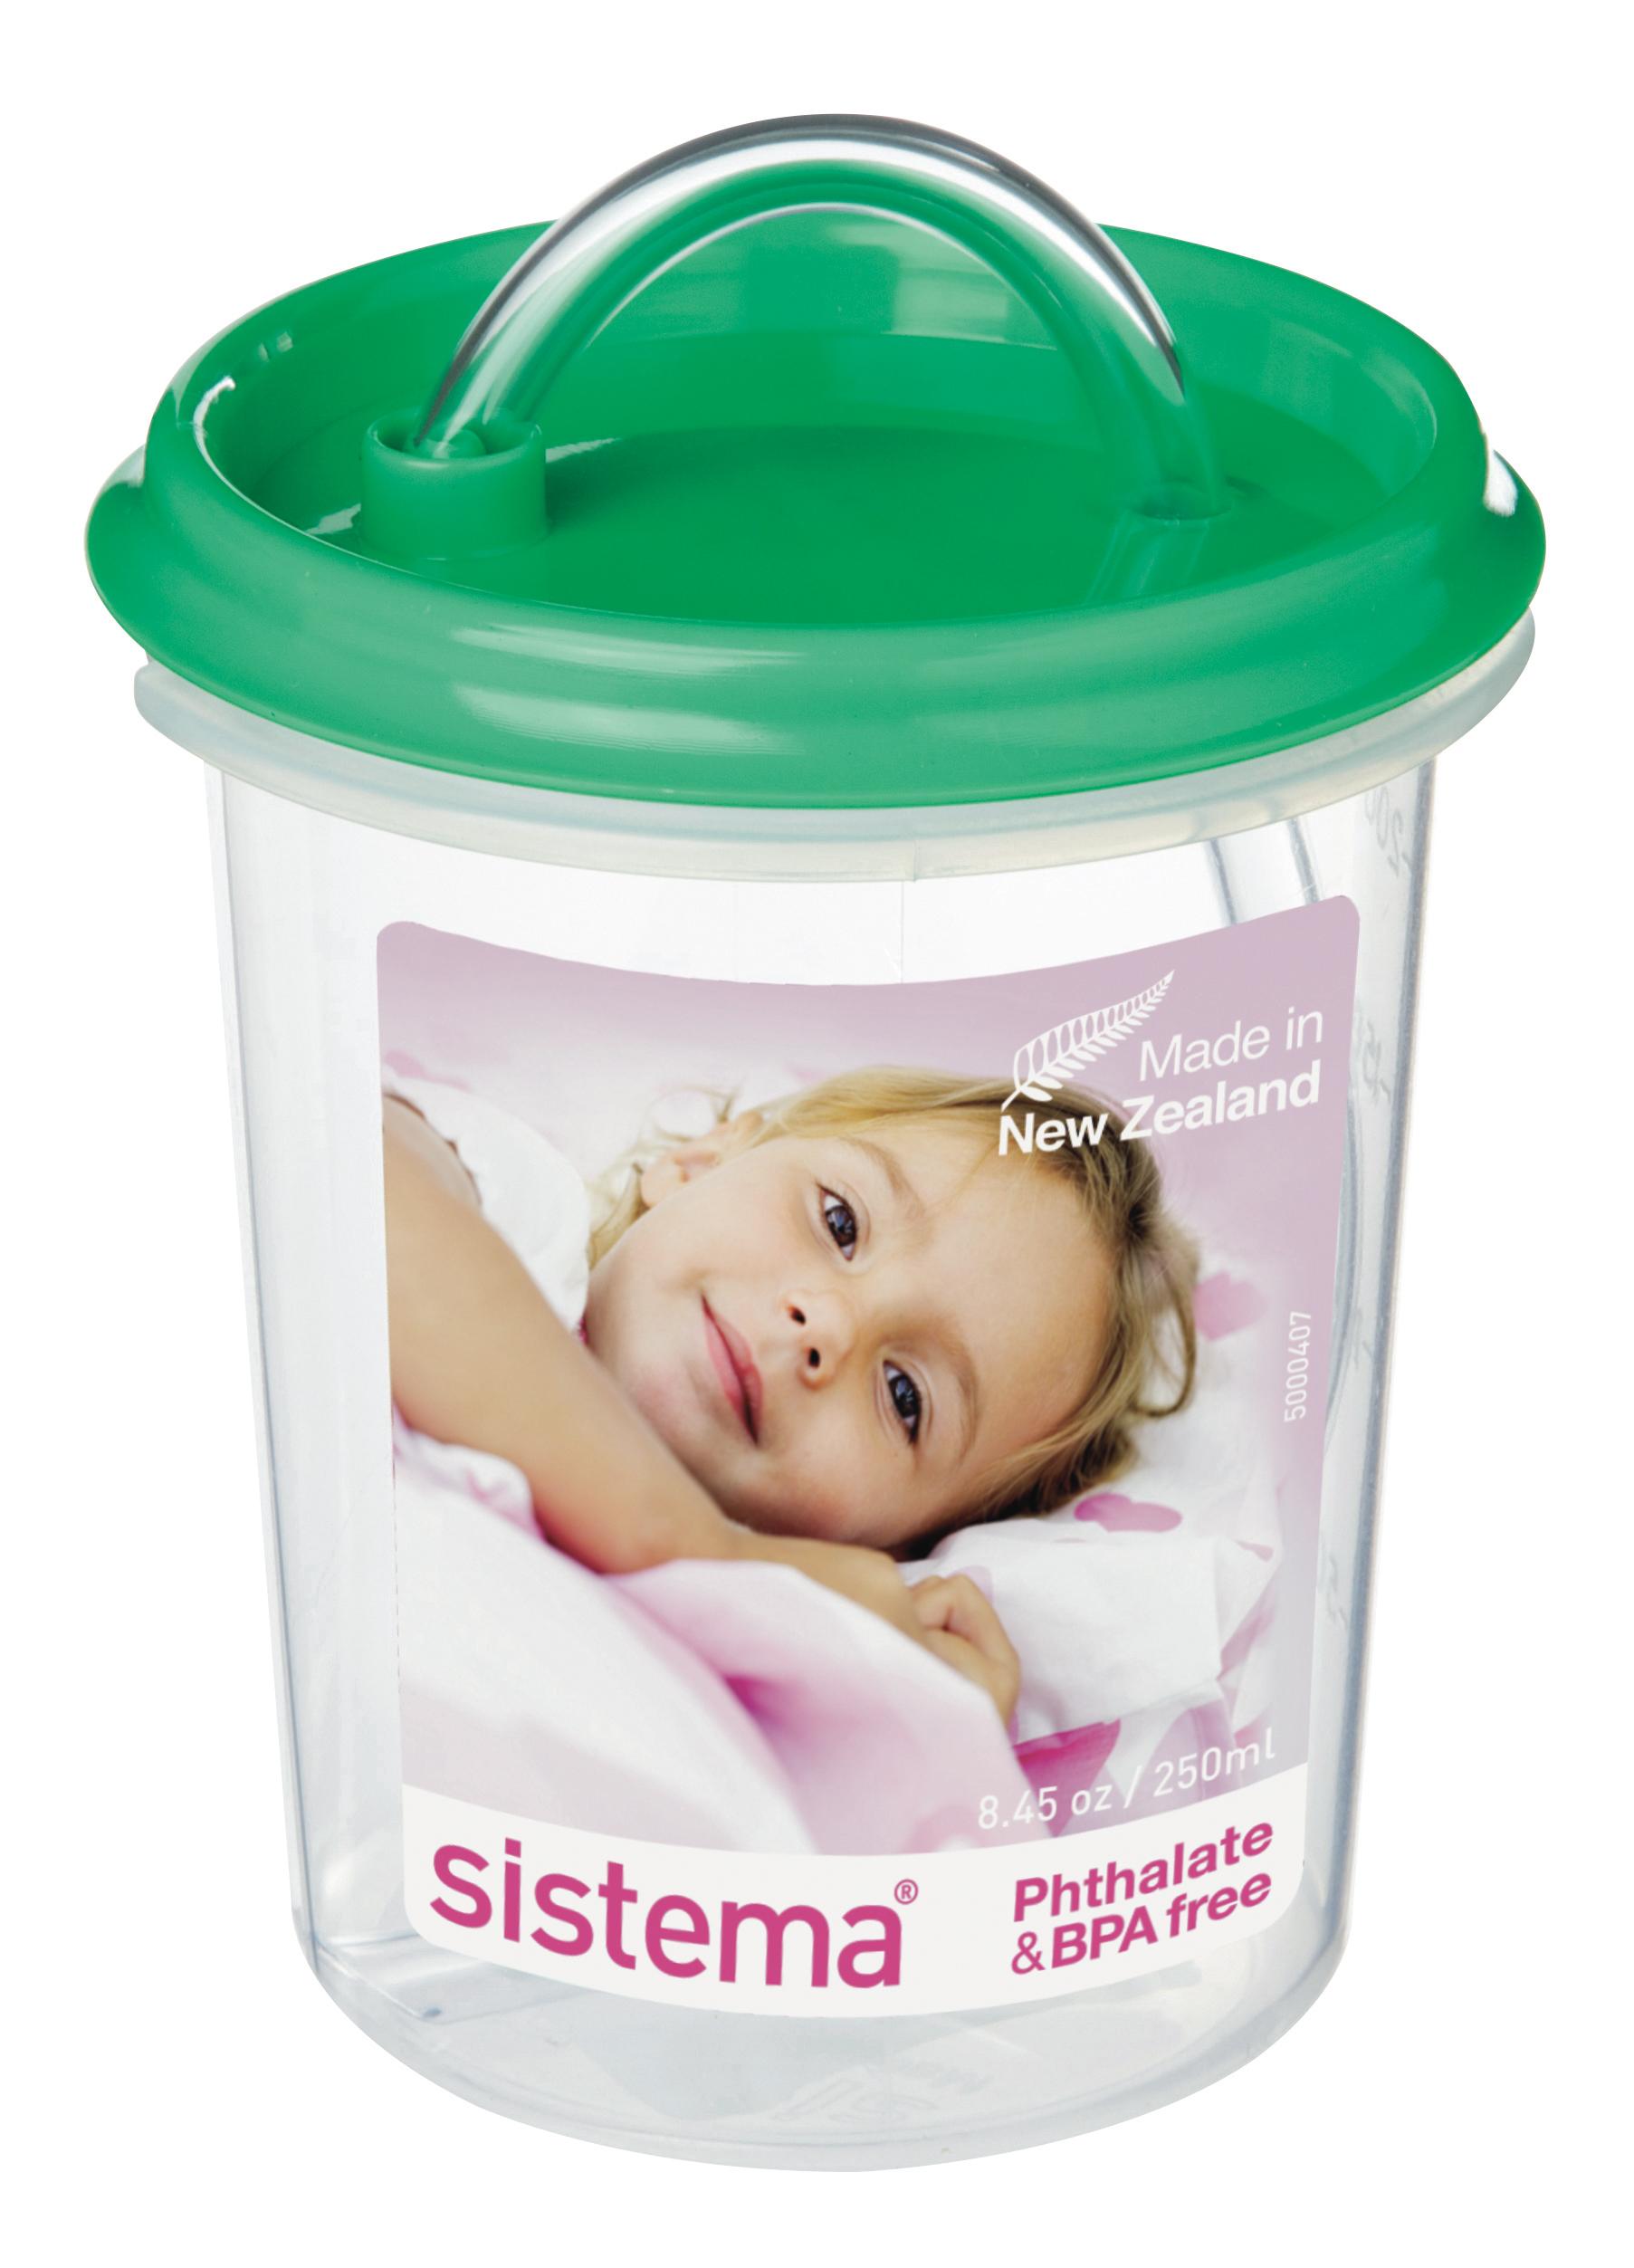 Чашка детская Sistema, с трубочкой, цвет: зеленый, 250 млSWM325-02Детская чашка-непроливайка с трубочкой Sistema абсолютно безопасна для использования маленькими детьми. В качестве материала для этой модели использовался качественный пищевой пластик, свободный от фенола и иных вредных примесей. Важно также отметить, что чашечка герметично закрывается, ваш малыш не сможет пролить ее содержимое. Кроме того, рассматриваемая модель обладает эргономичной конструкцией, крохе будет удобно держать ее в ручках.